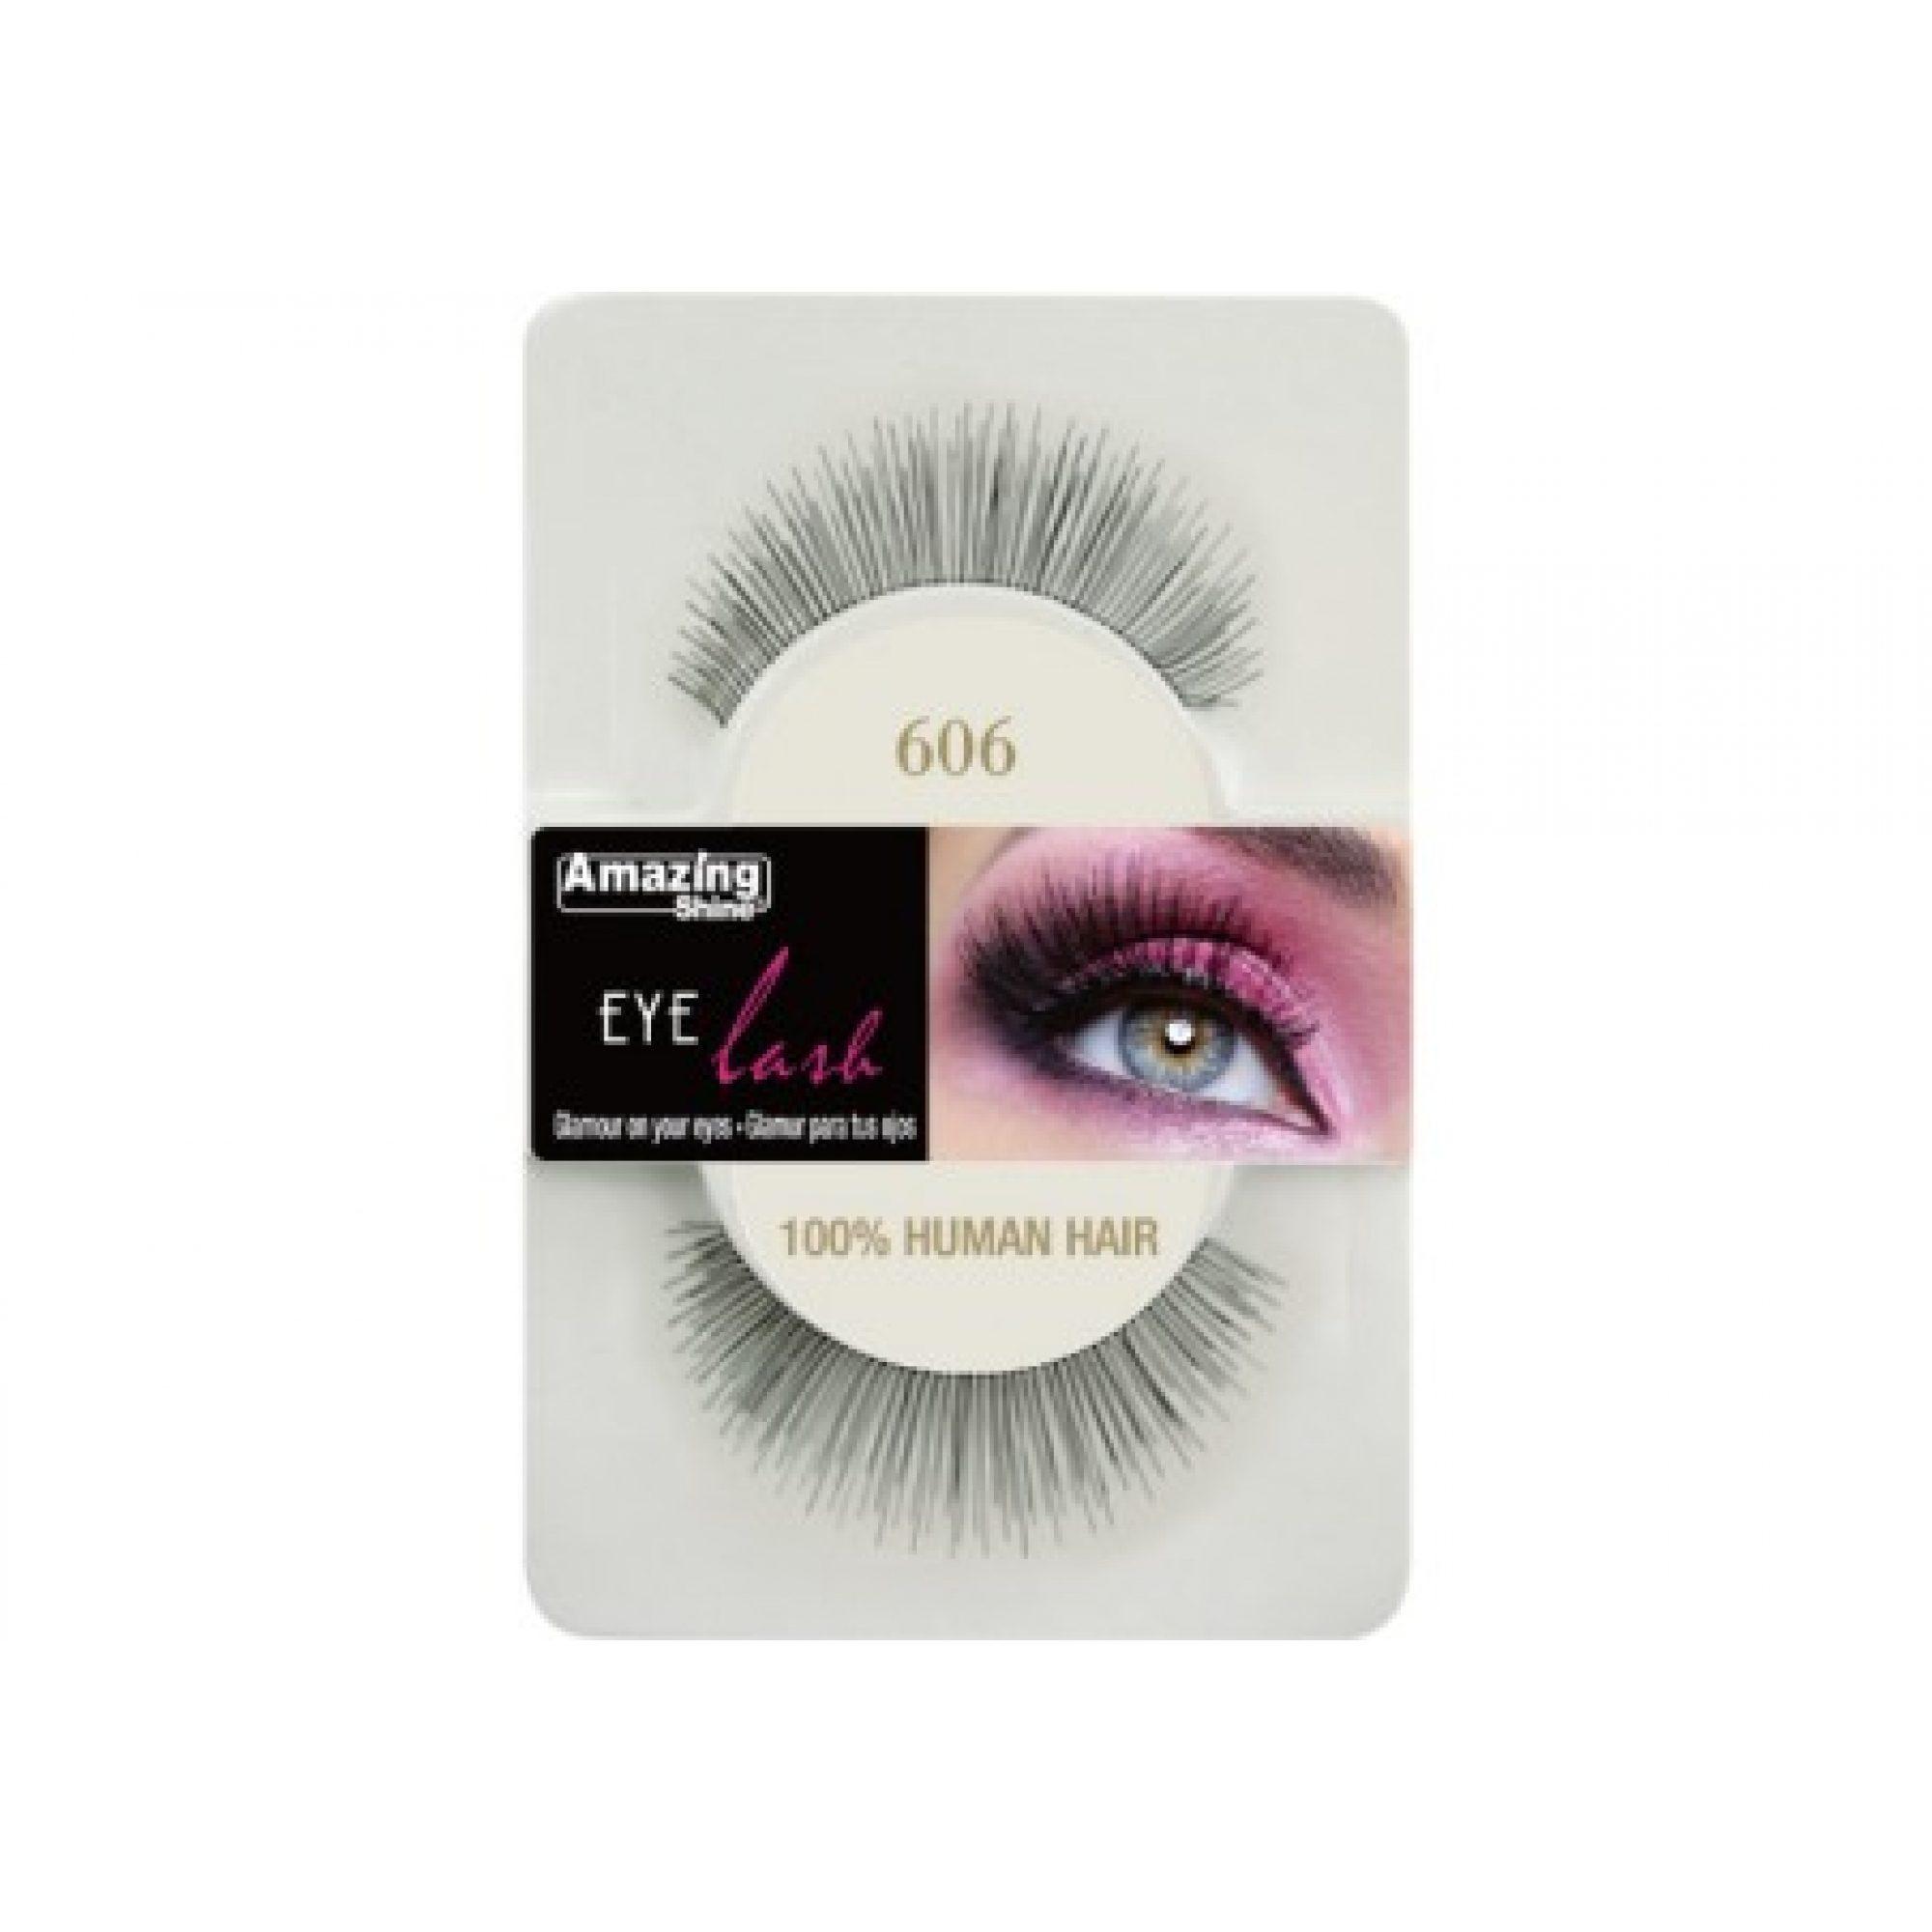 Amazing Shine Eyelashes 606